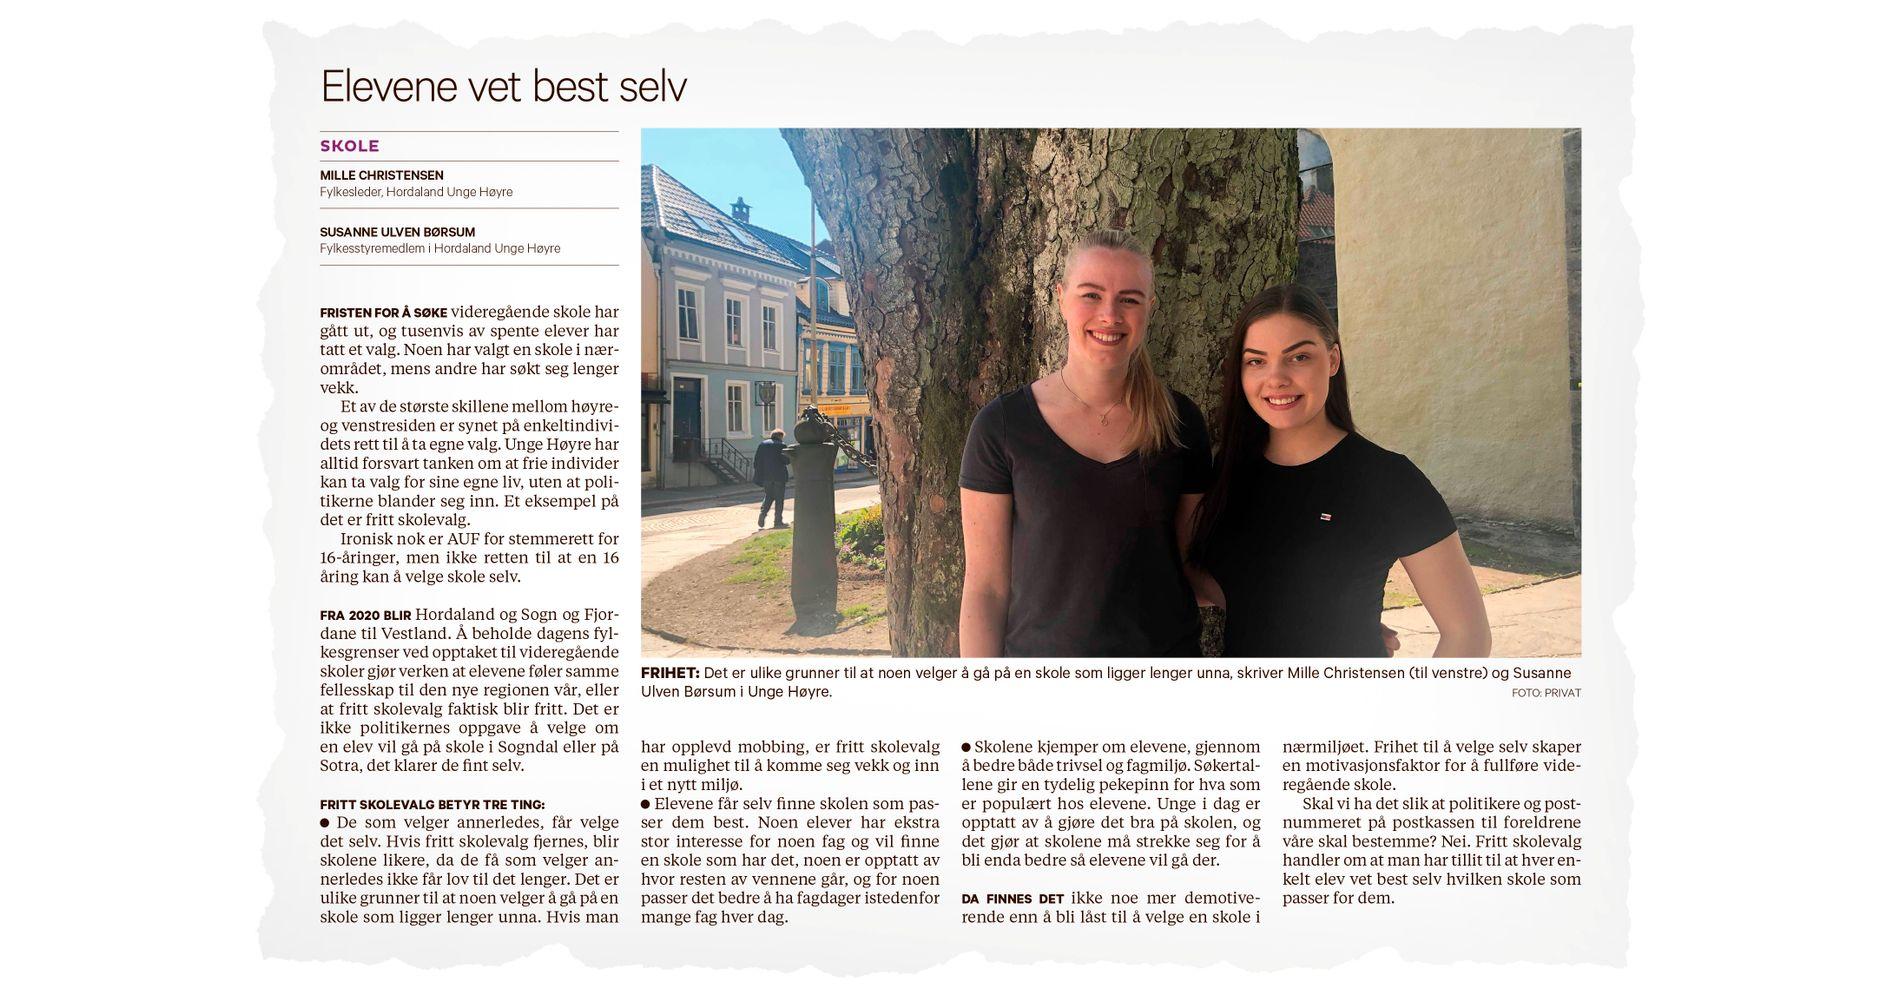 STARTET DEBATTEN: Mille Christensen og Susanne Ulven Børsum (Unge Høyre) skrev om hvorfor de mener Vestland bør beholde ordningen med fritt skolevalg. I innlegget under får de svar fra lærer Daniel Bolstad-Hageland. Faksimile, BT lørdag 18. mai